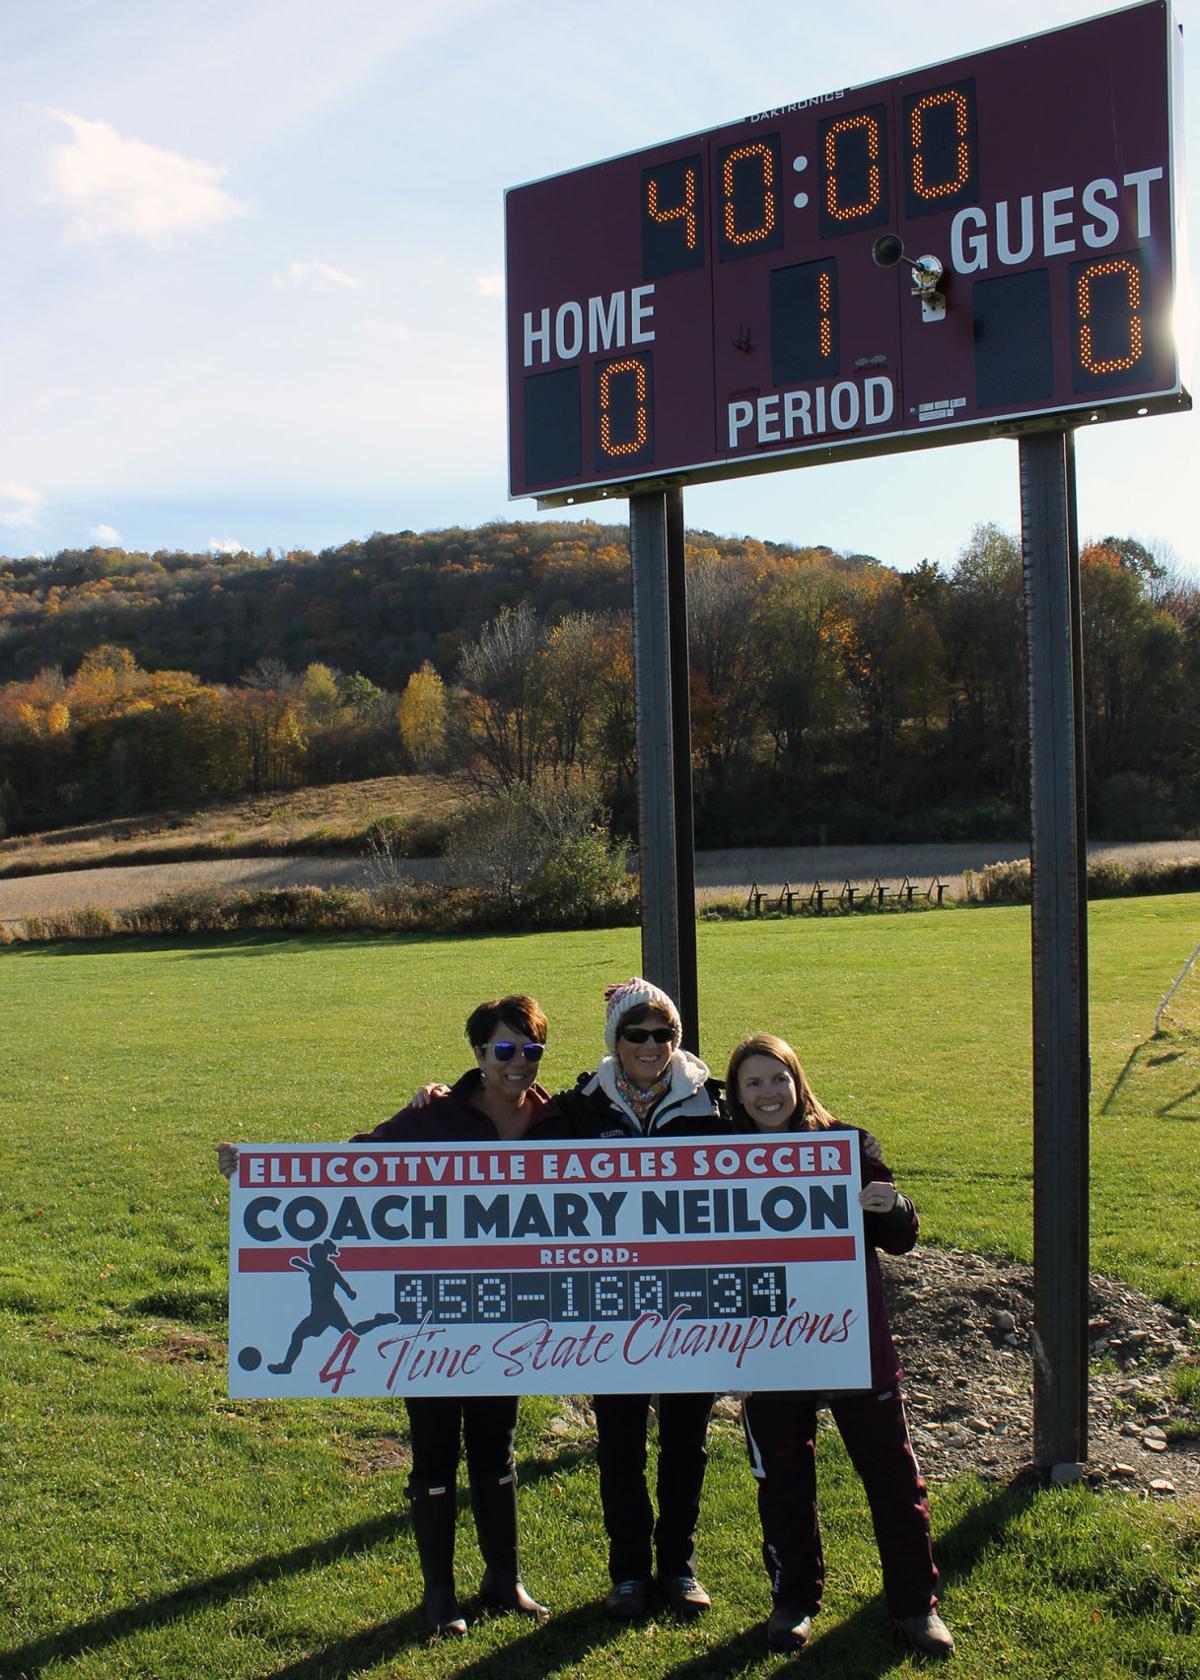 Neilon scoreboard